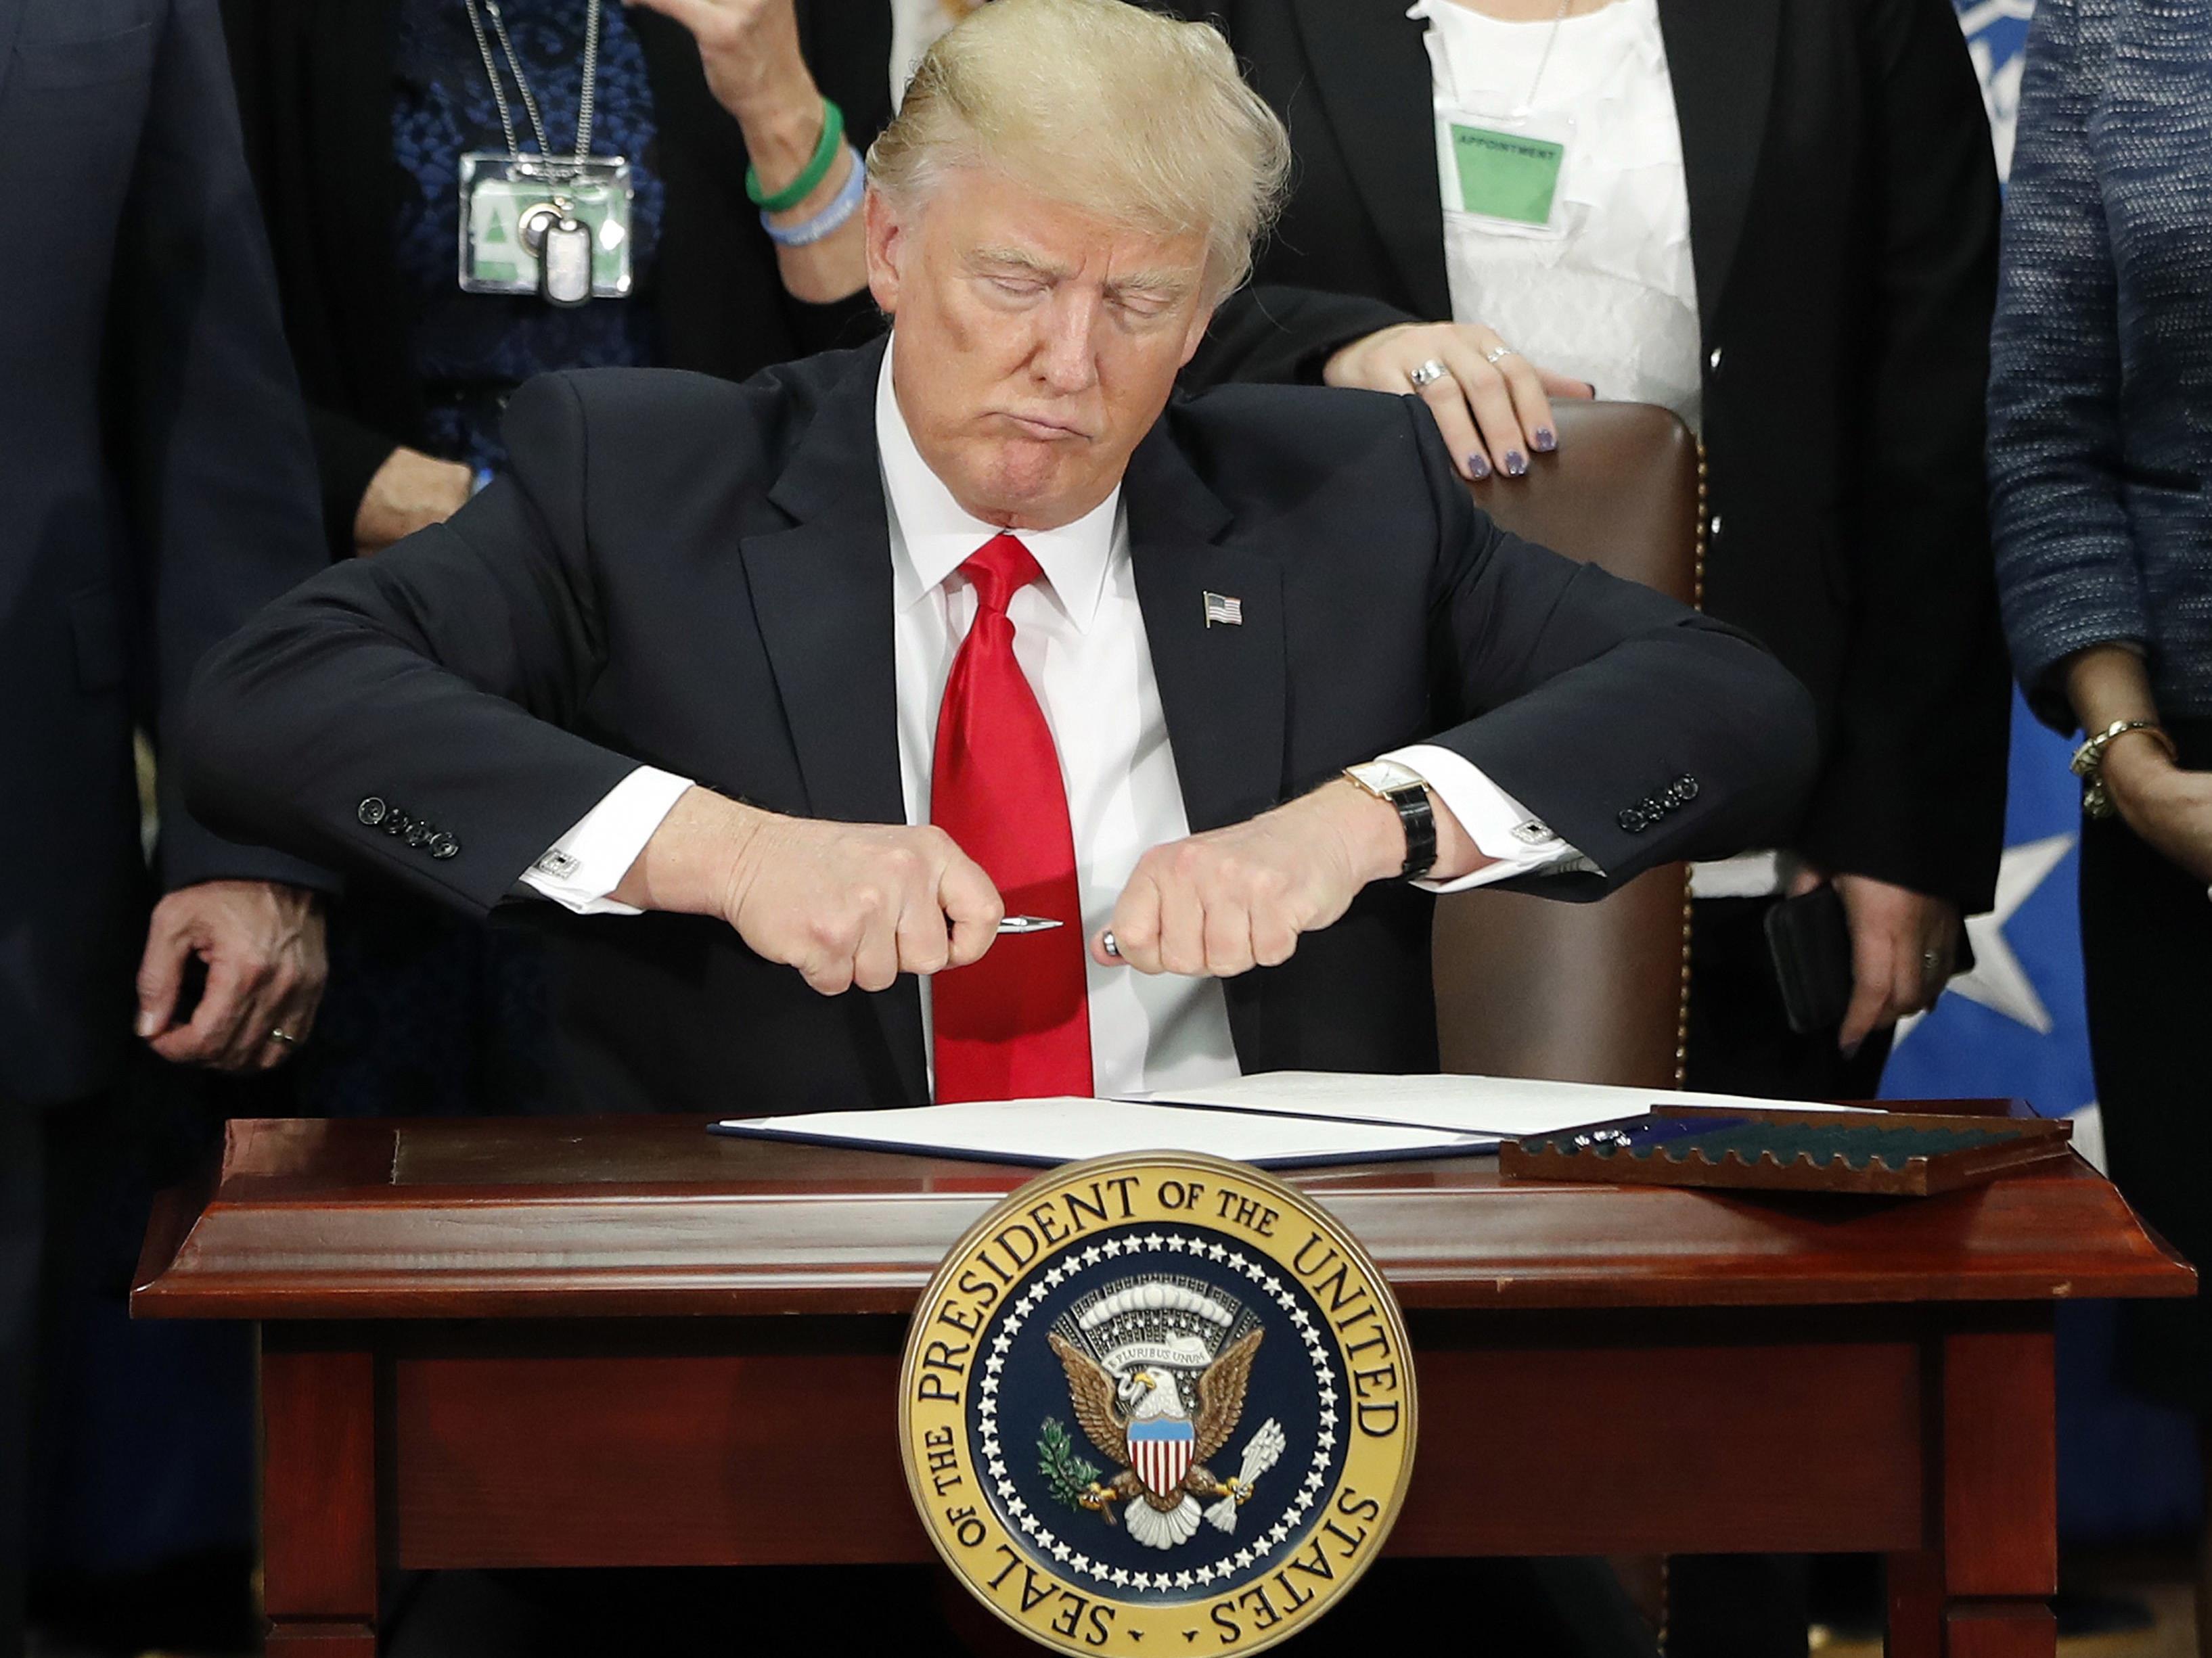 """""""Hundert Tage Peinlichkeiten, Kehrtwendungen und Fehlleistungen"""", nennt Politologe Reinhard Heinisch die Bilanz von Donald Trump als US-Präsident."""